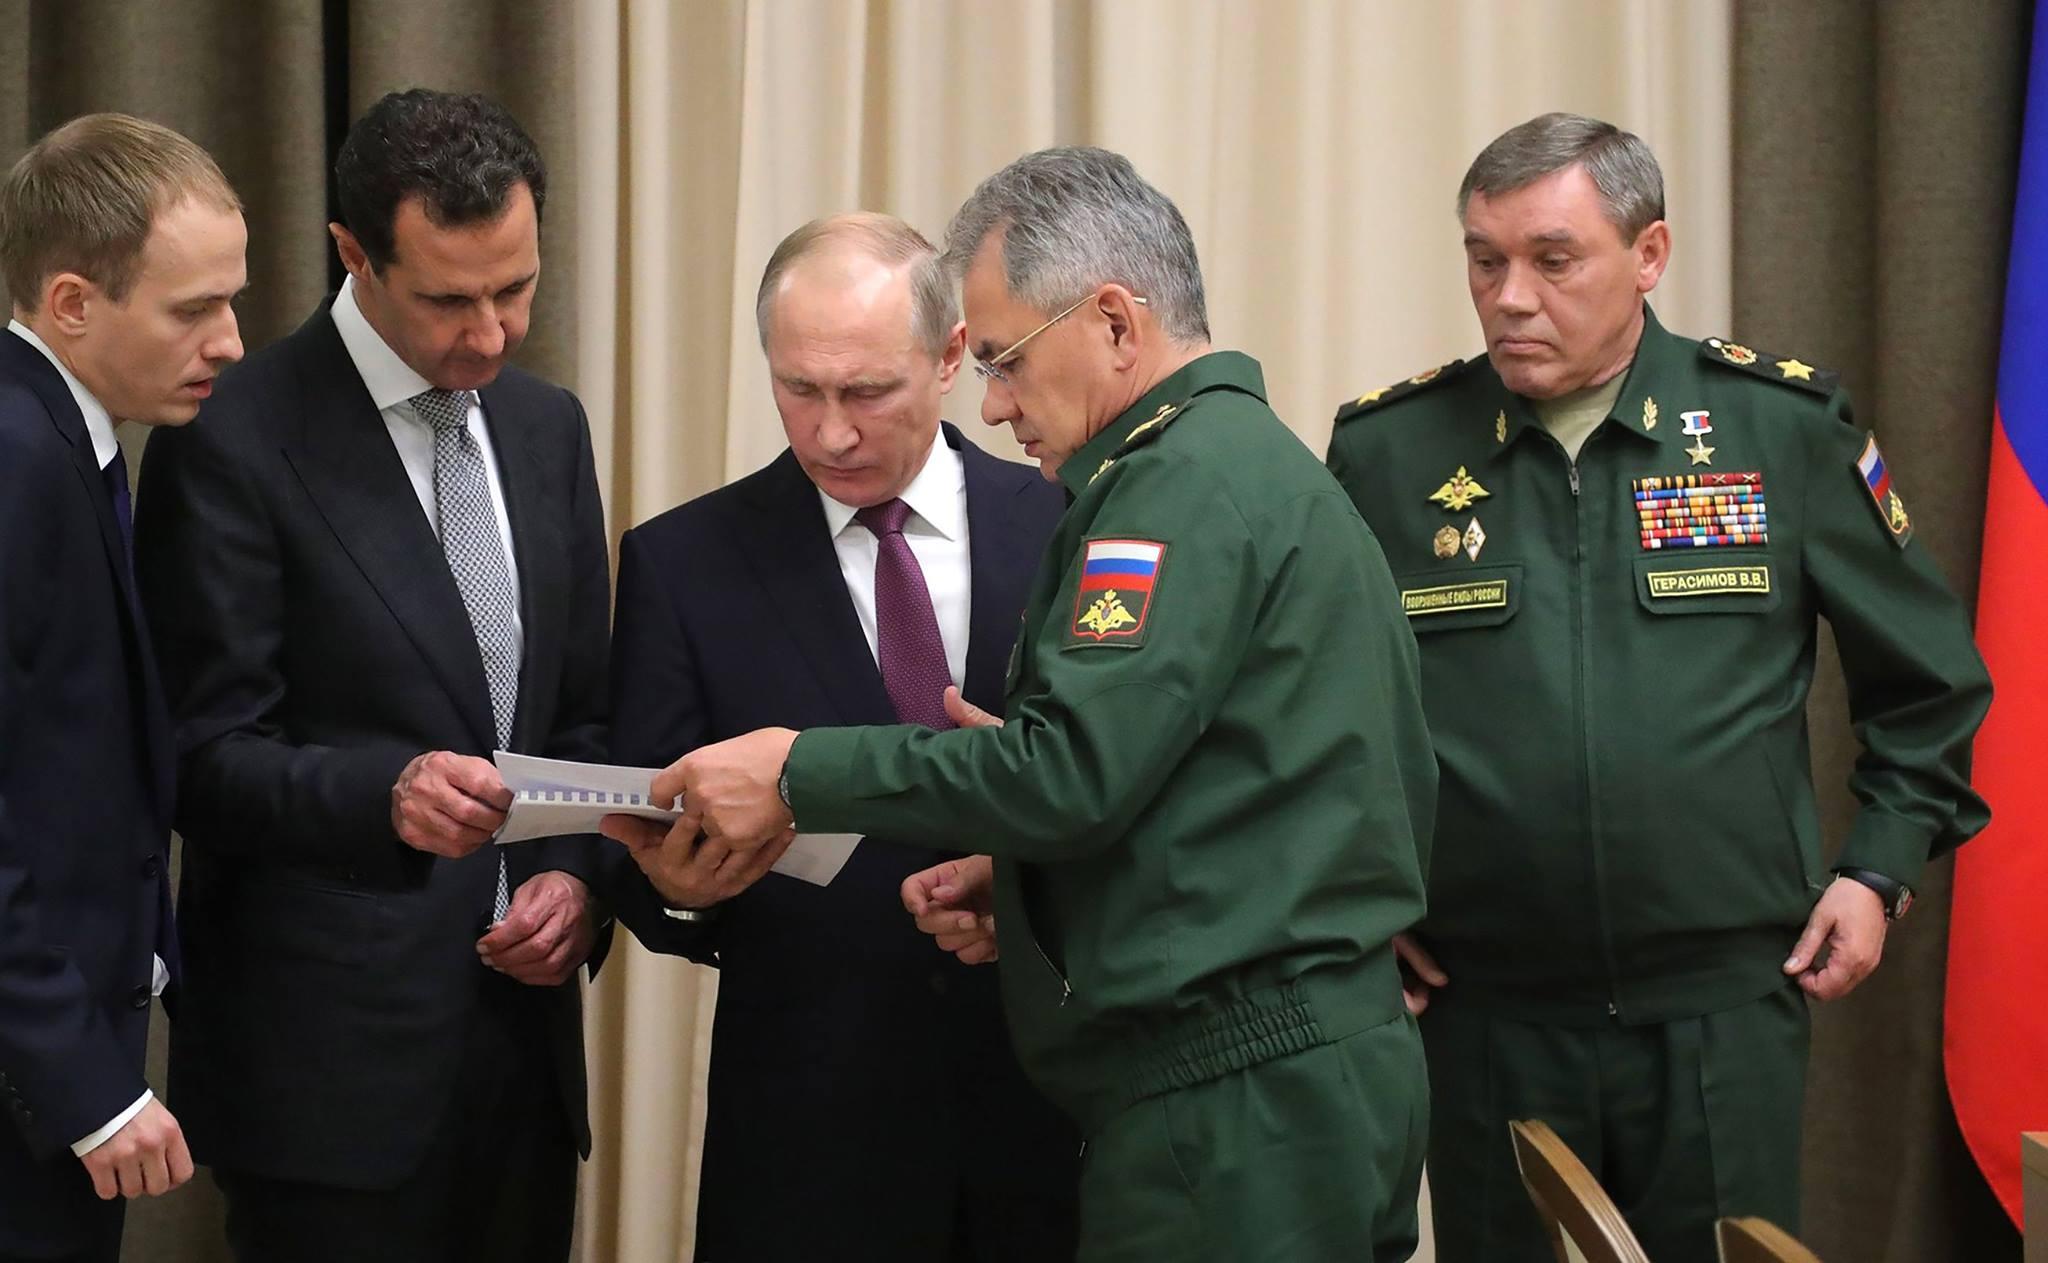 صورة كيف يستغل بوتين سوريا لصالح الانتخابات؟